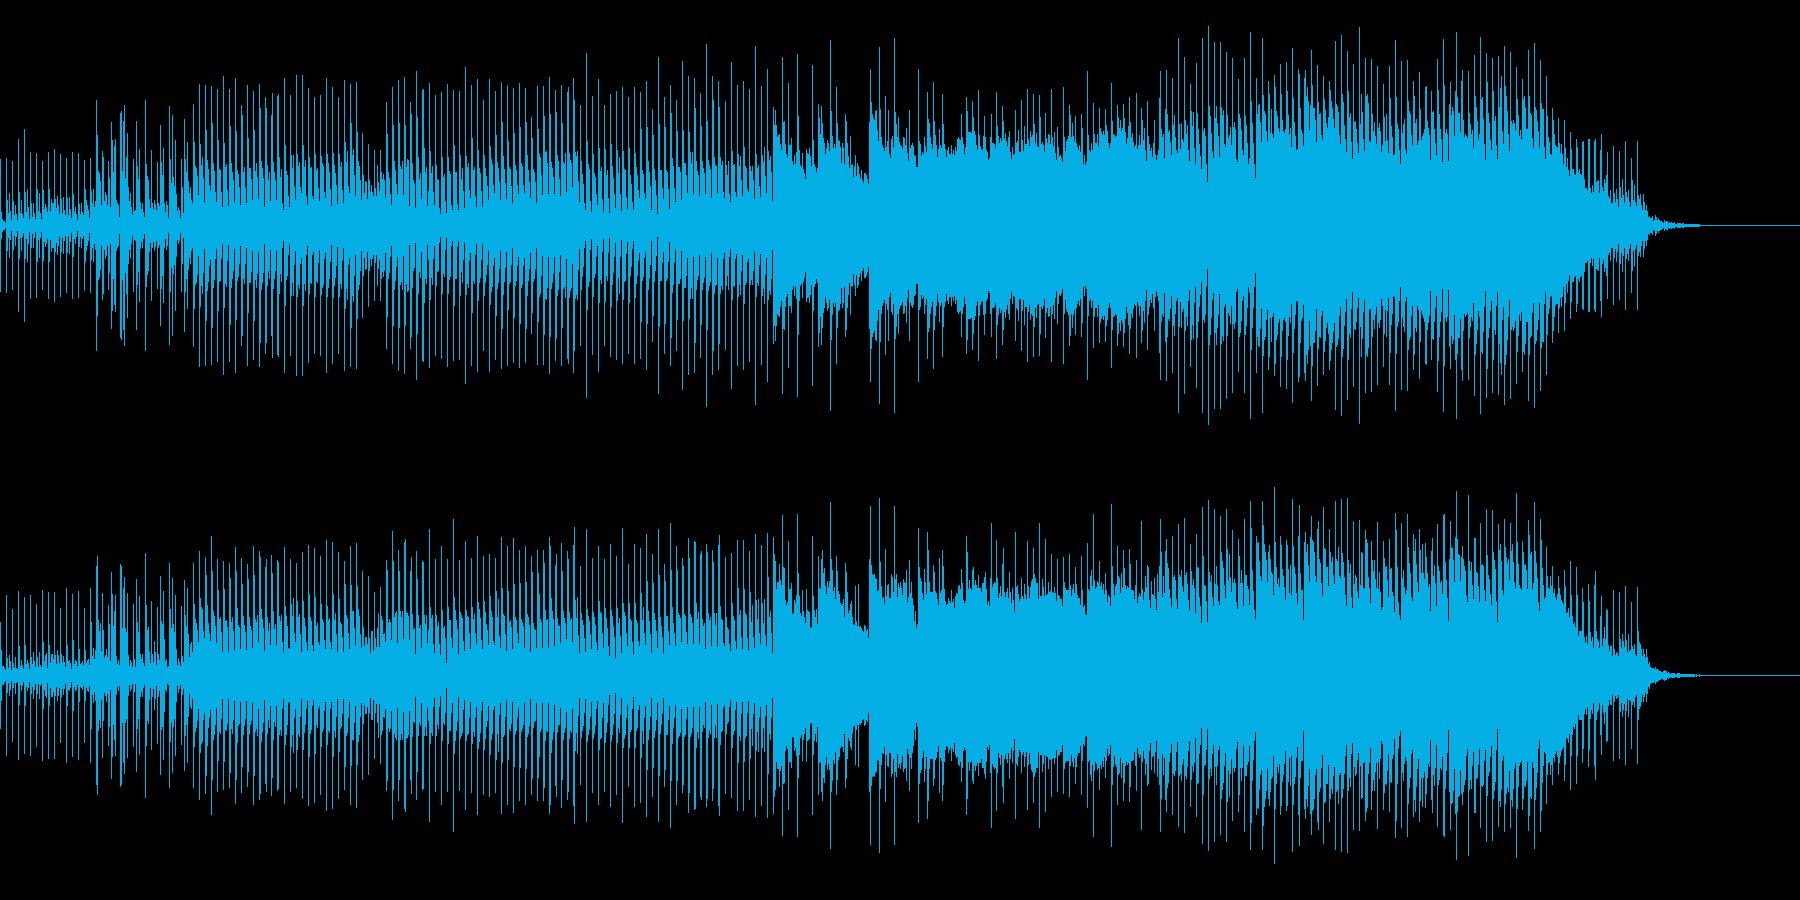 ★海の妖精 神秘的な癒しビートの再生済みの波形